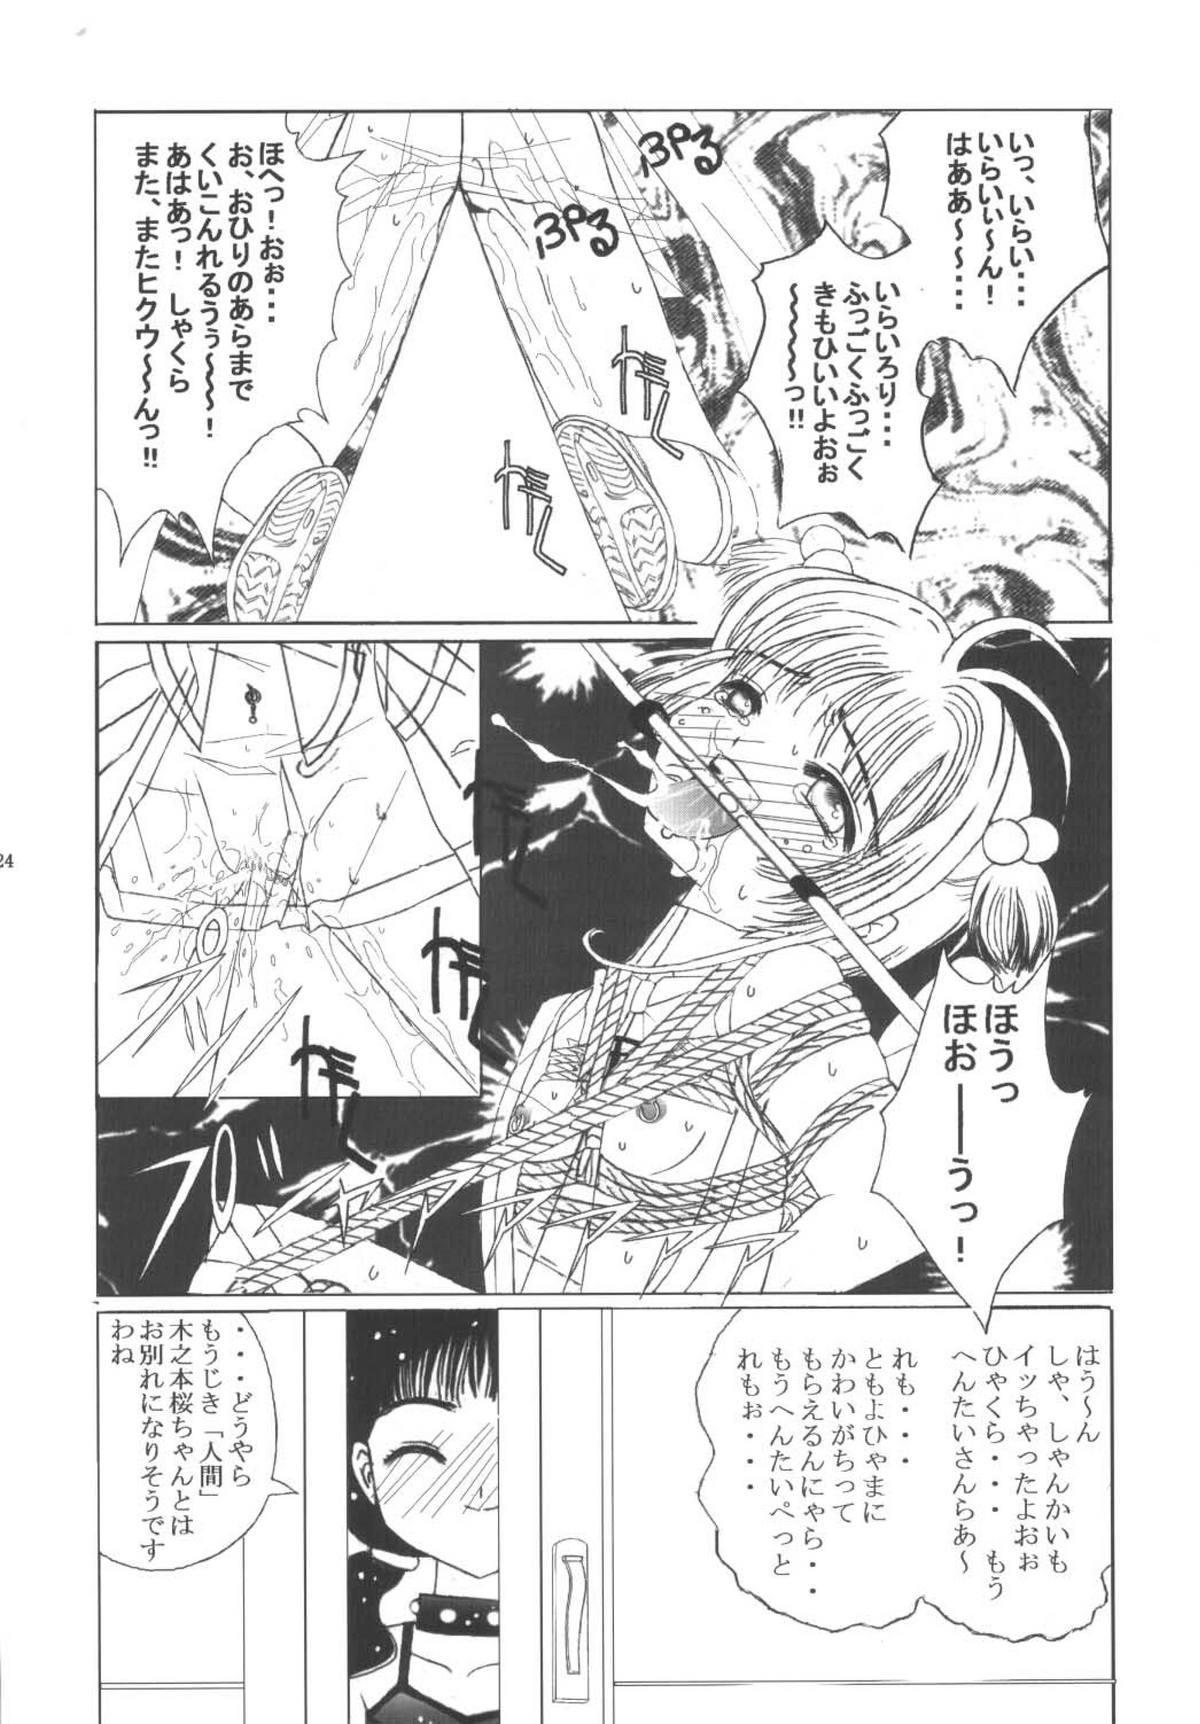 Kuuronziyou 10 Sakura-chan de Asobou 5 23